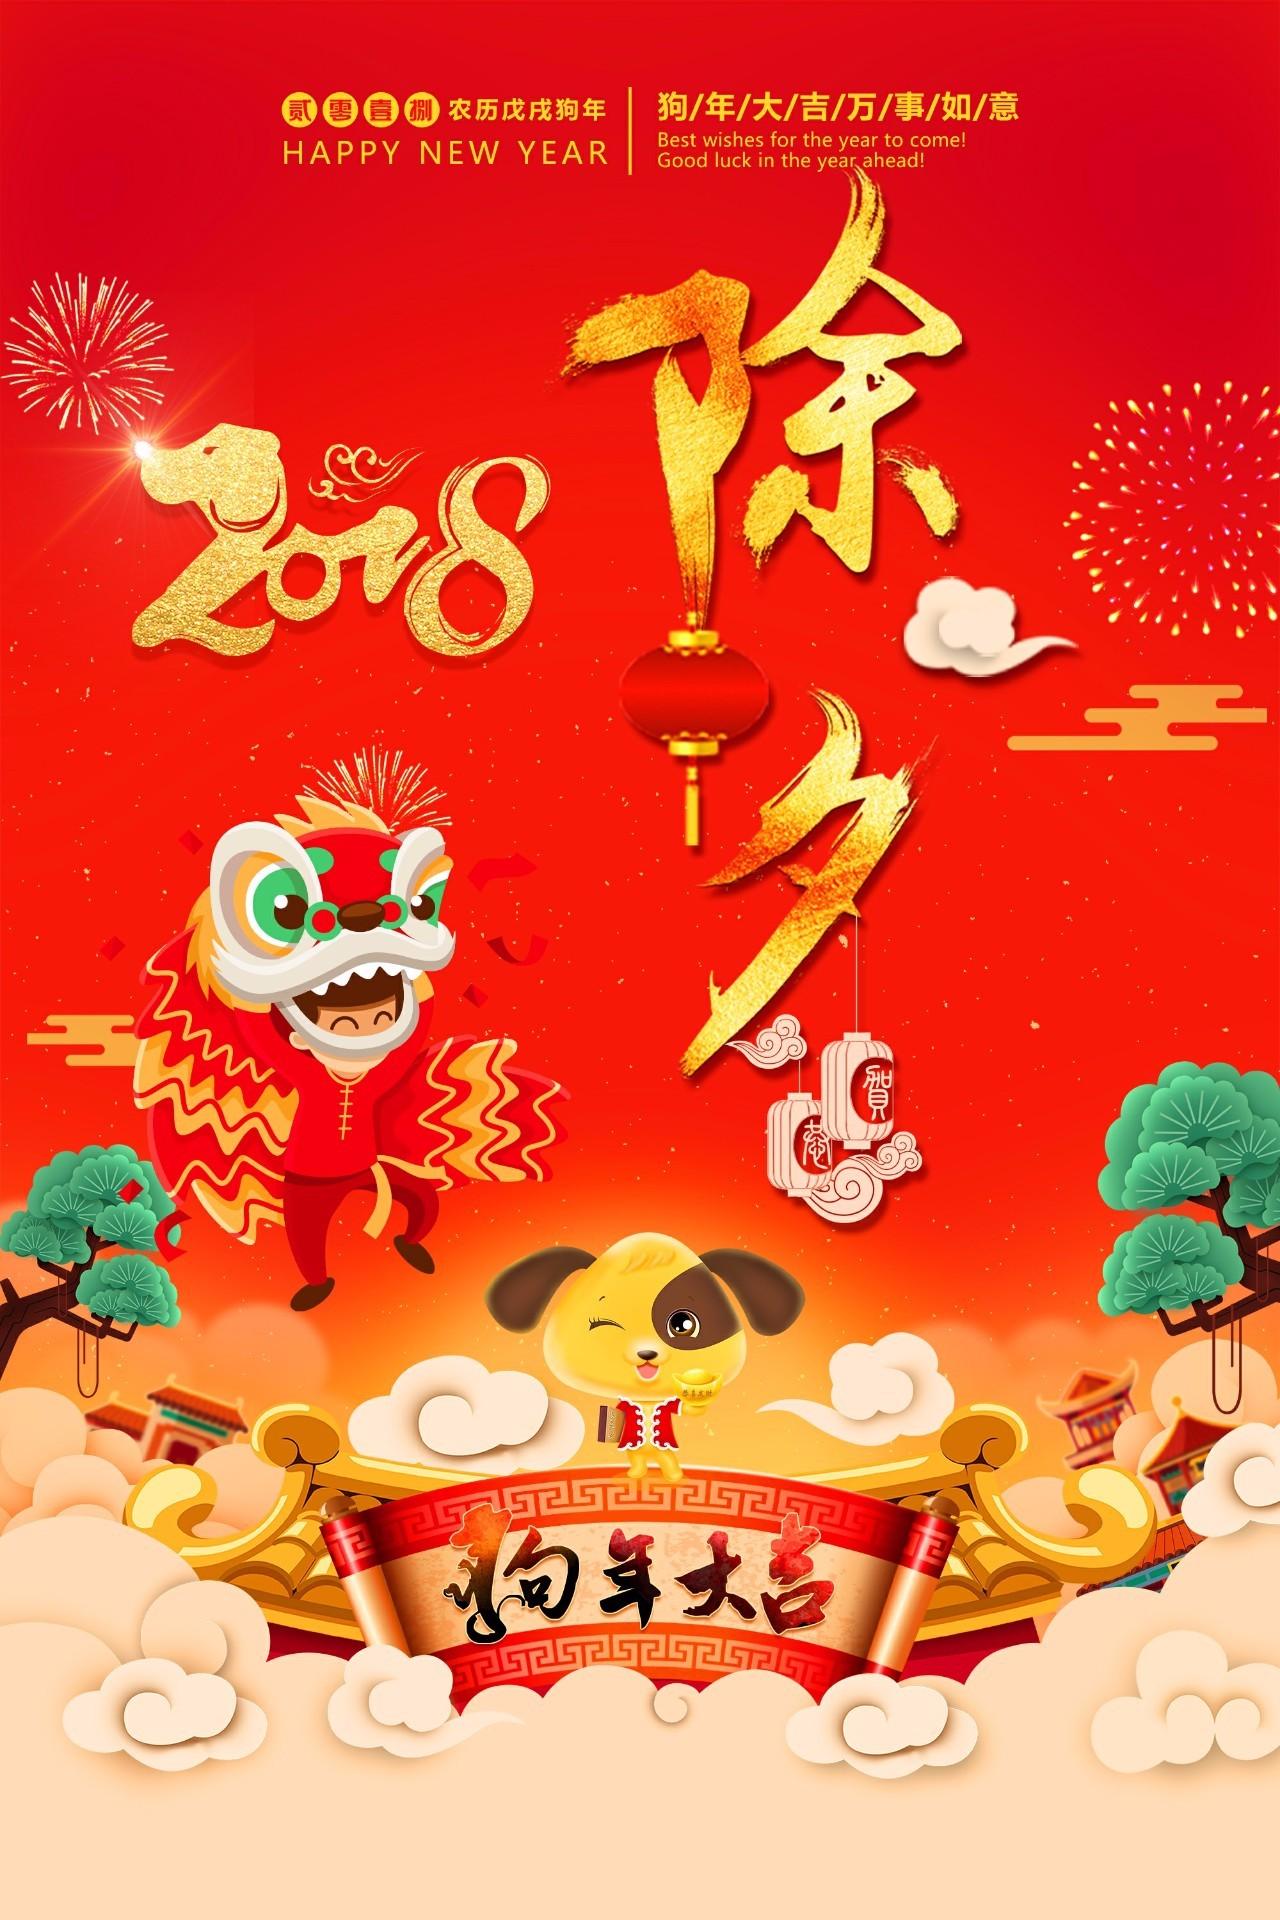 东海生活网祝您新年快乐,狗年旺旺!